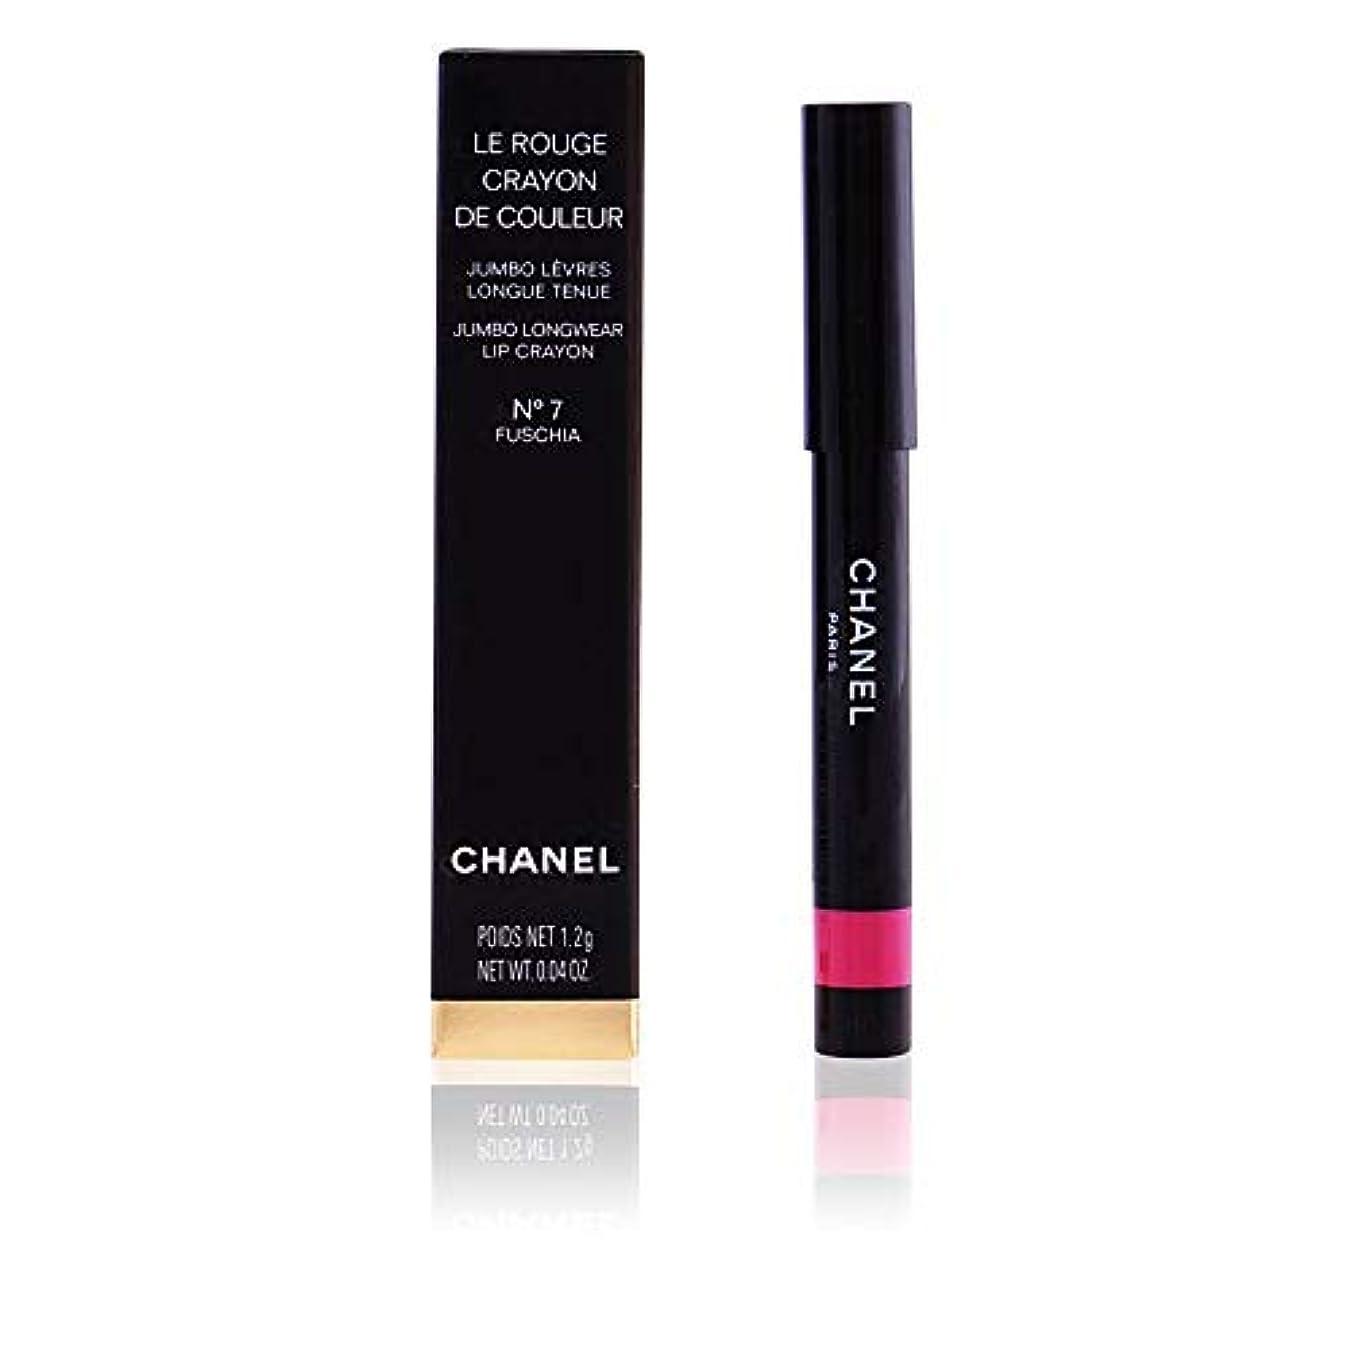 発生器文明化移植シャネル Le Rouge Crayon De Couleur Jumbo Longwear Lip Crayon - # 2 Rose Violine 1.2g/0.04oz並行輸入品